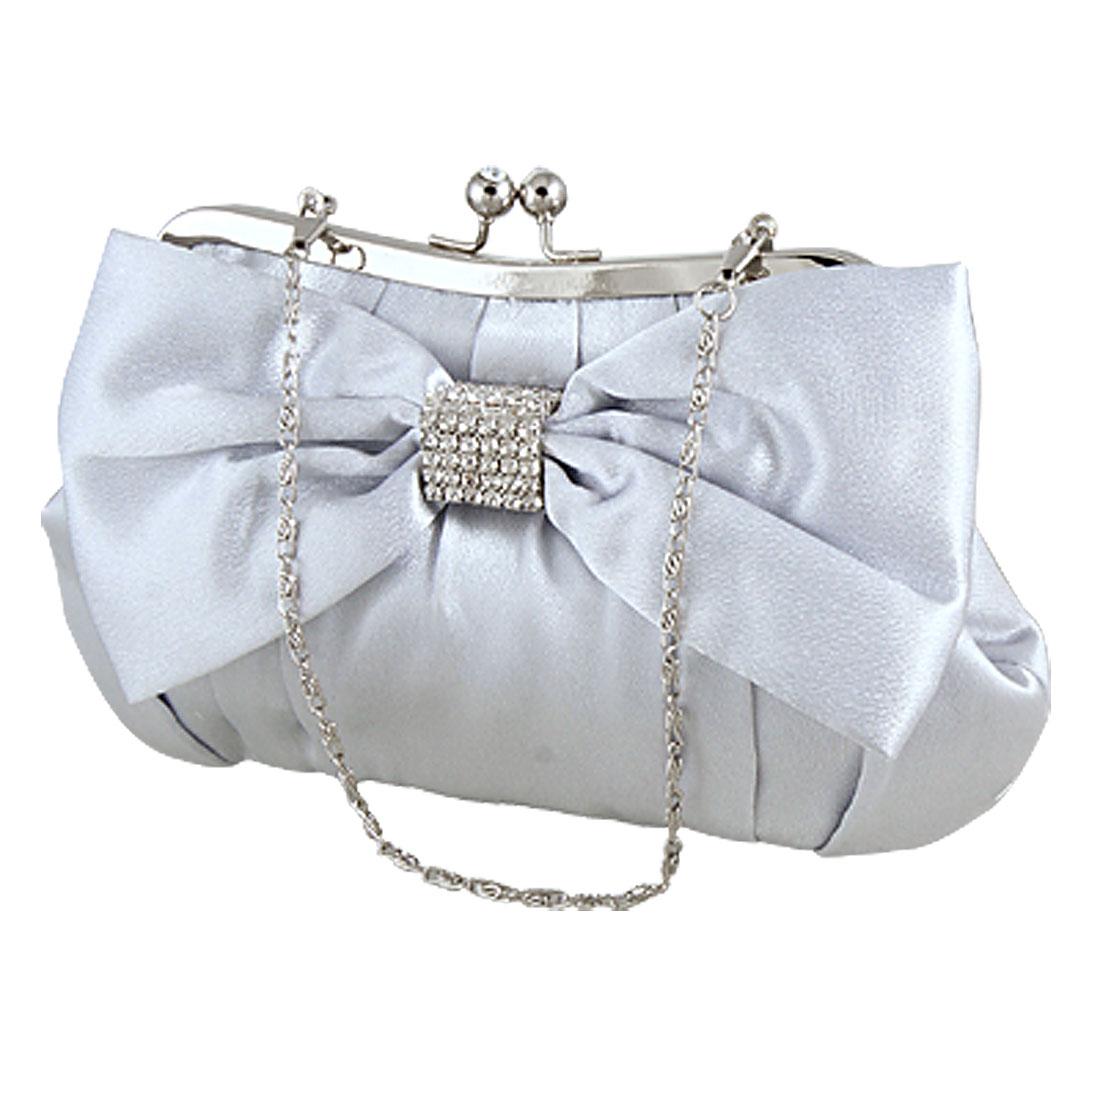 Woman Glitter Rhinestone Bowtie Wedding Clutch Handbag Light Gray